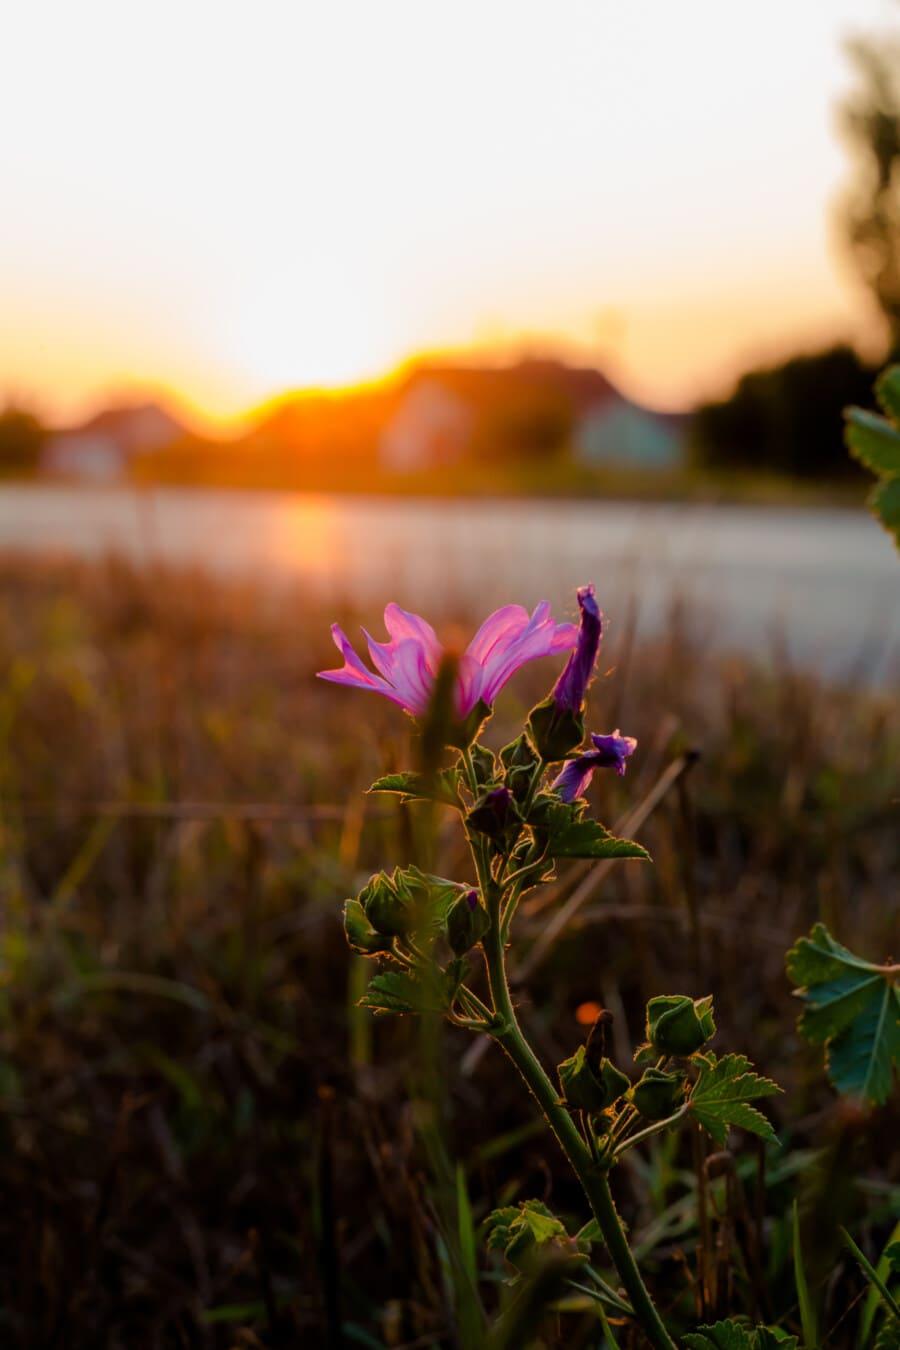 fleurs sauvages, violacé, coucher de soleil, ensoleillement, rural, Itinéraire, fleur, pétale, rose, printemps